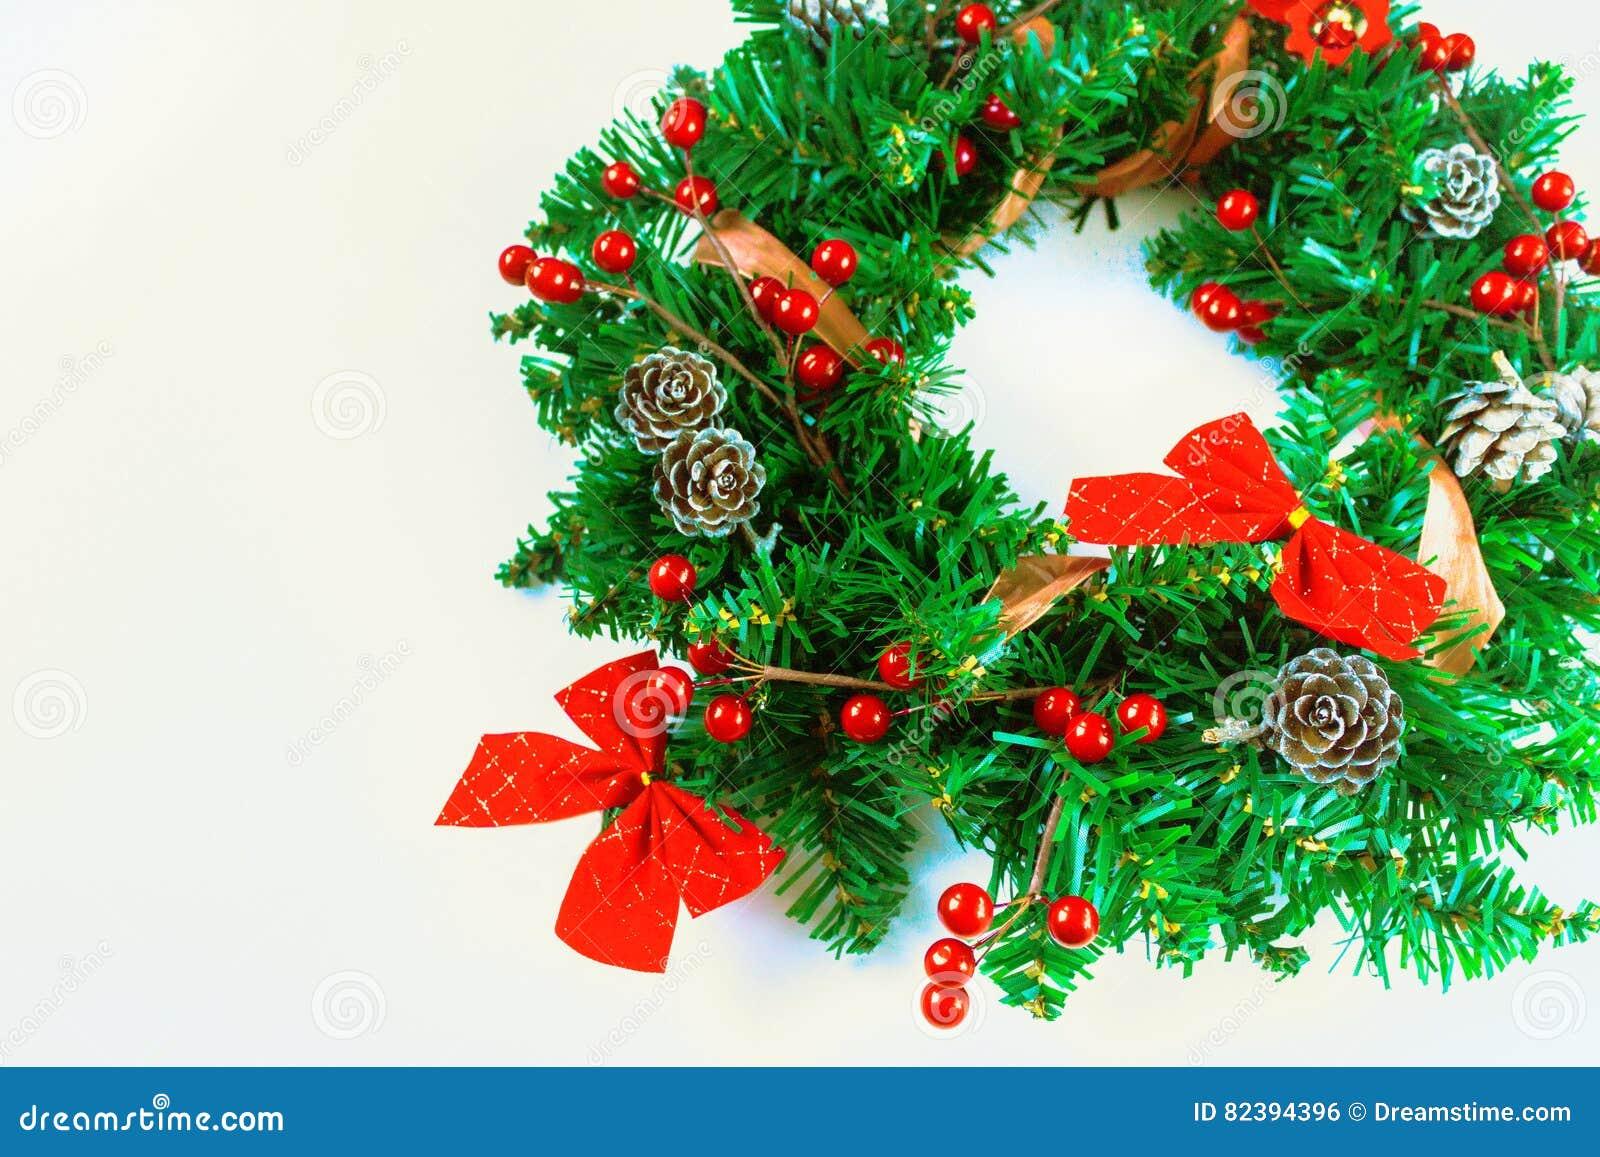 Guirnalda de la navidad en el fondo blanco foto de archivo - Guirnalda de navidad ...